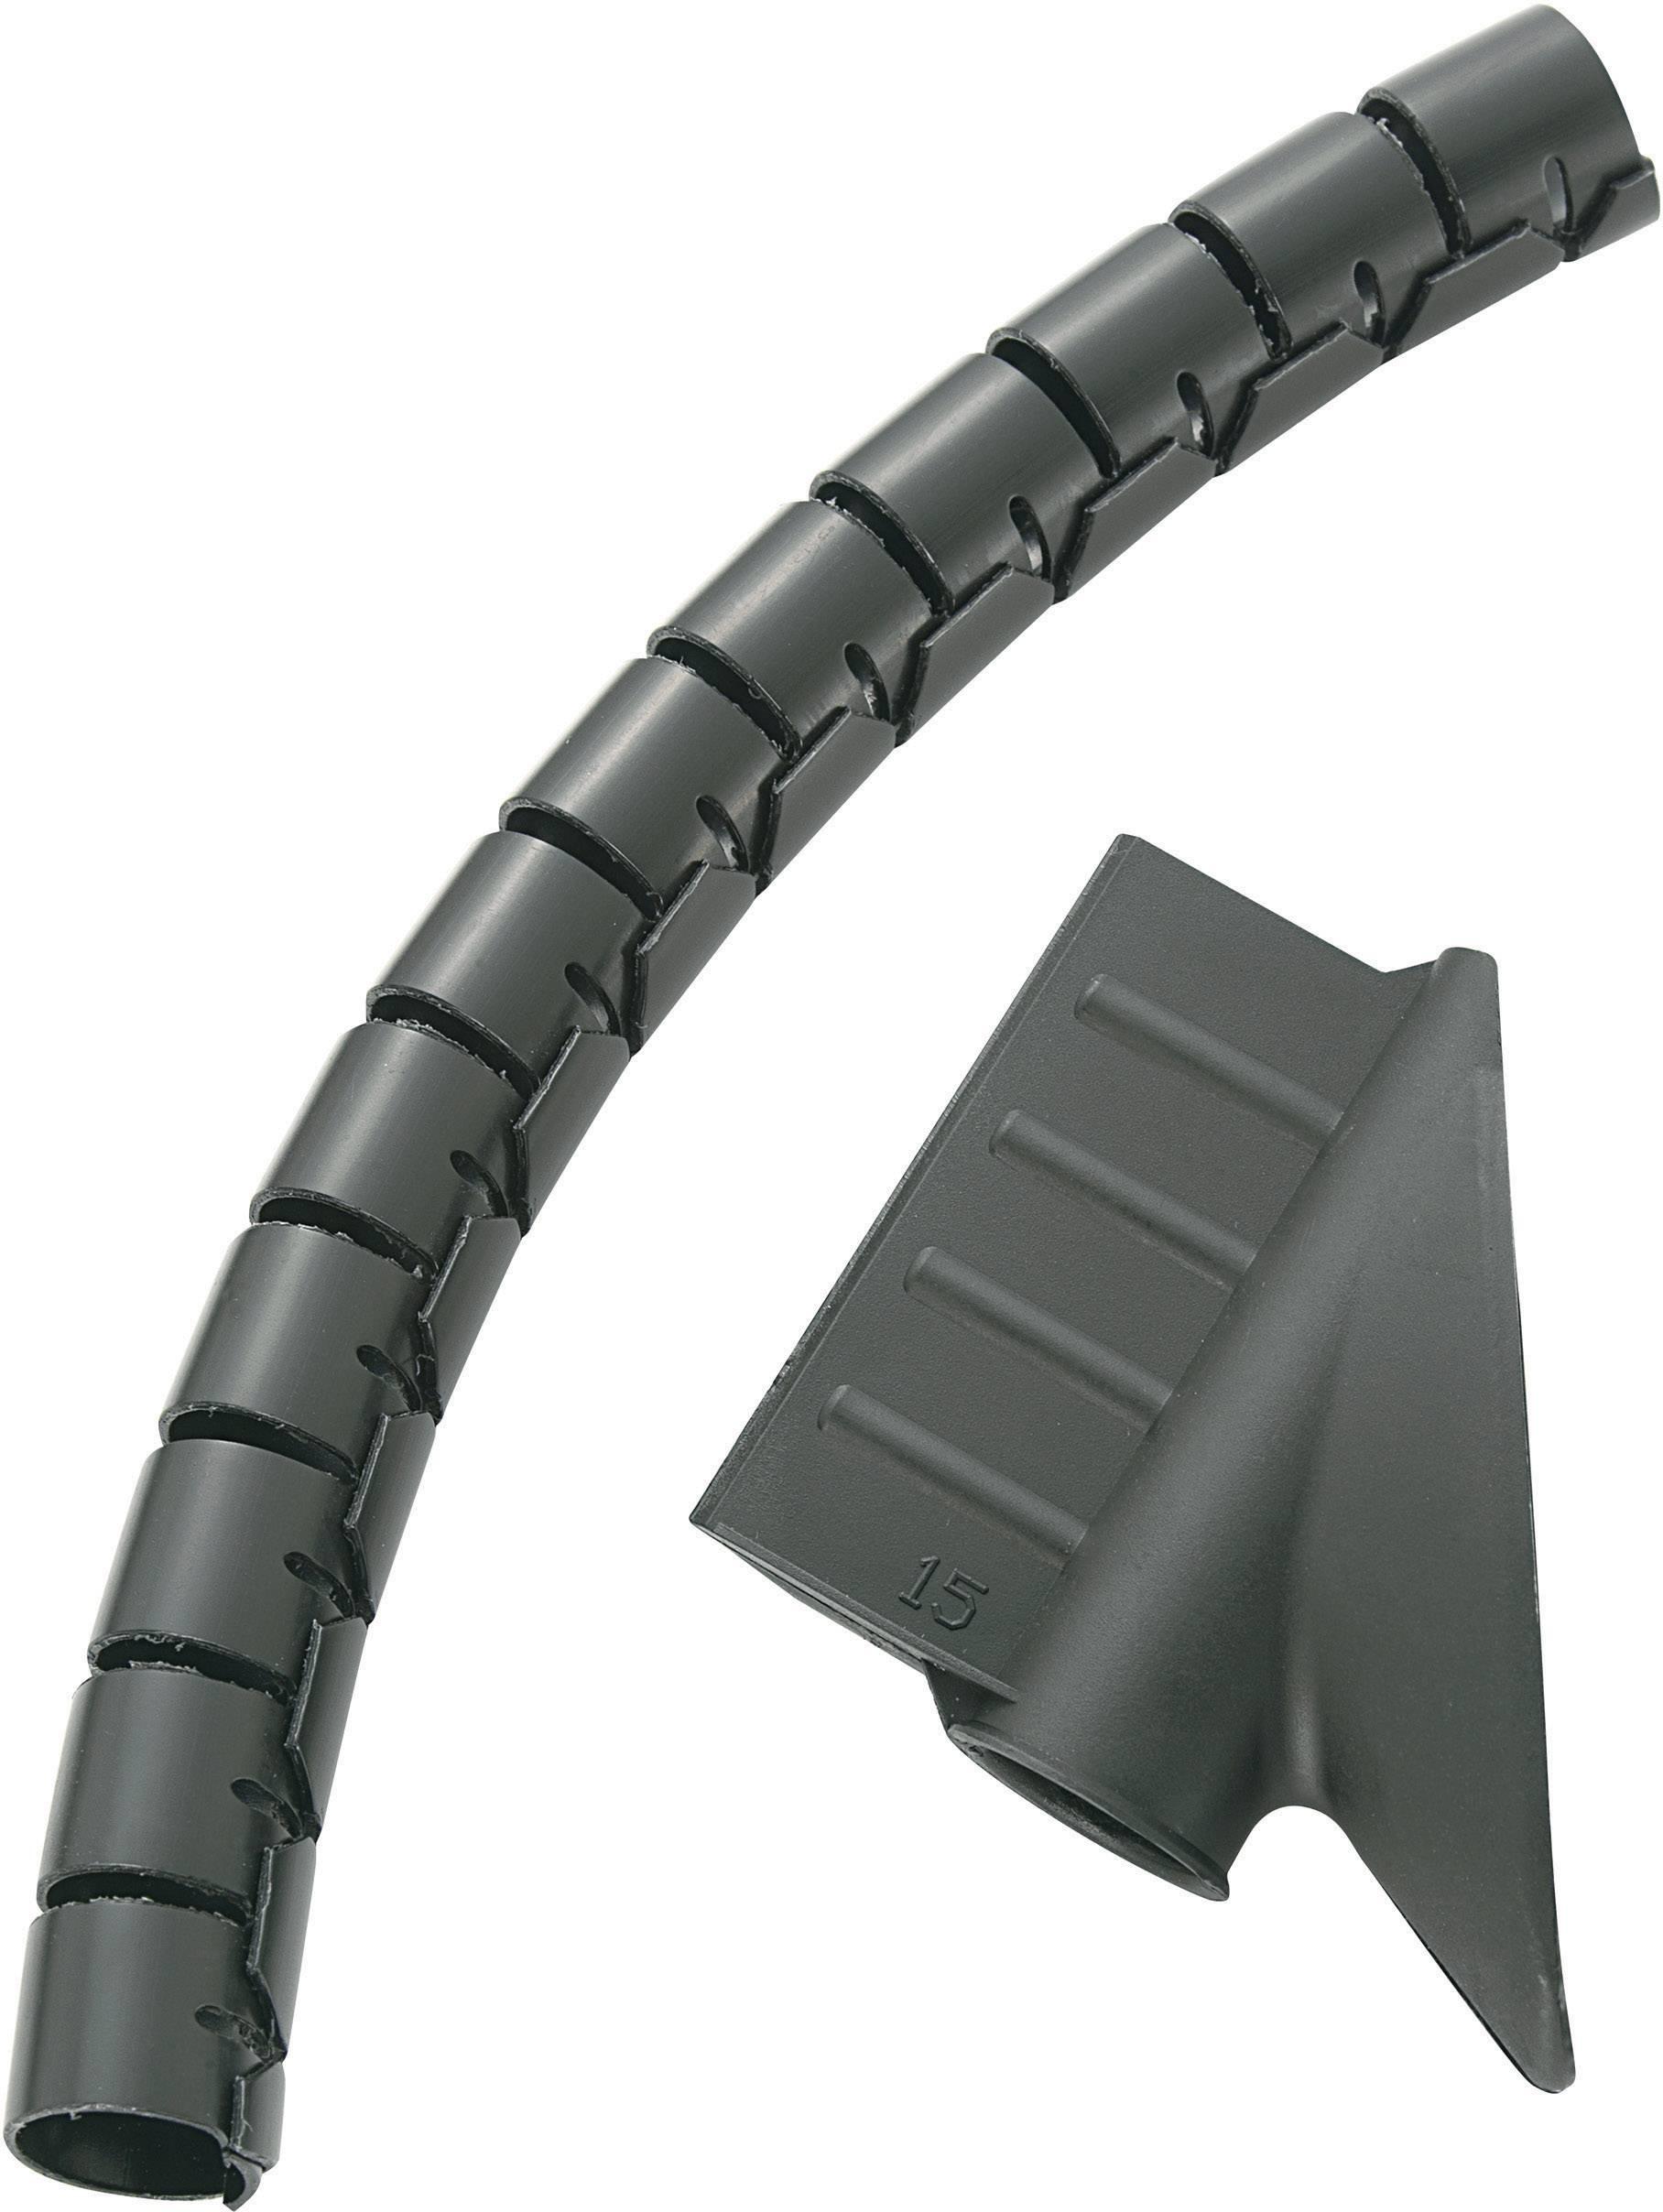 Káblový oplet KSS MX-KLT8GY, 10 mm (max), 5 m, sivá